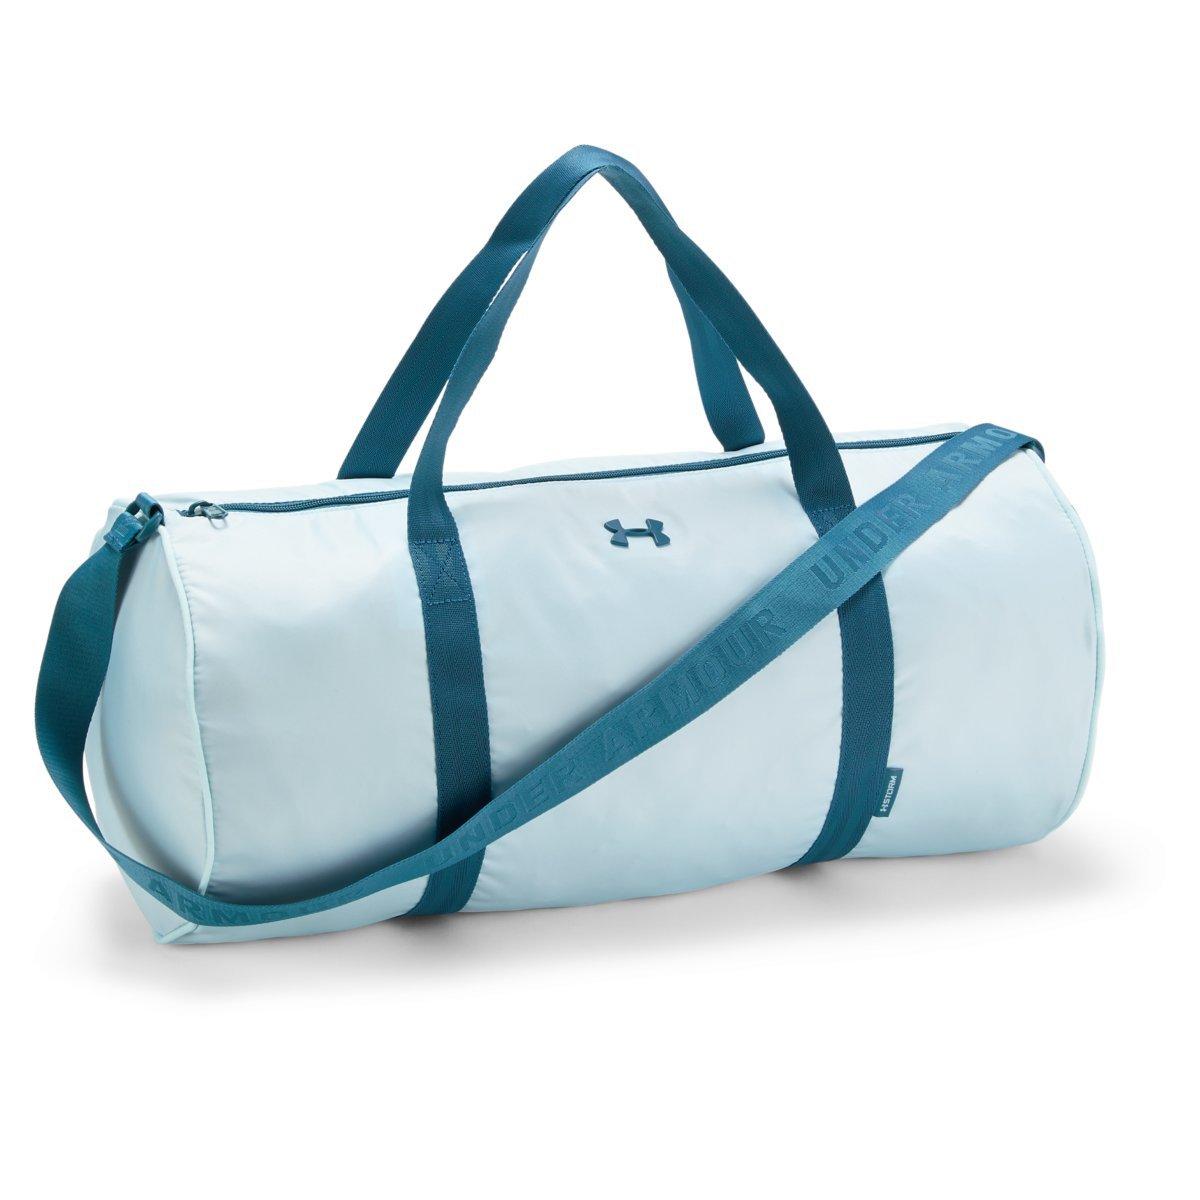 Světle modrá sportovní taška Favourite Duffel 2.0